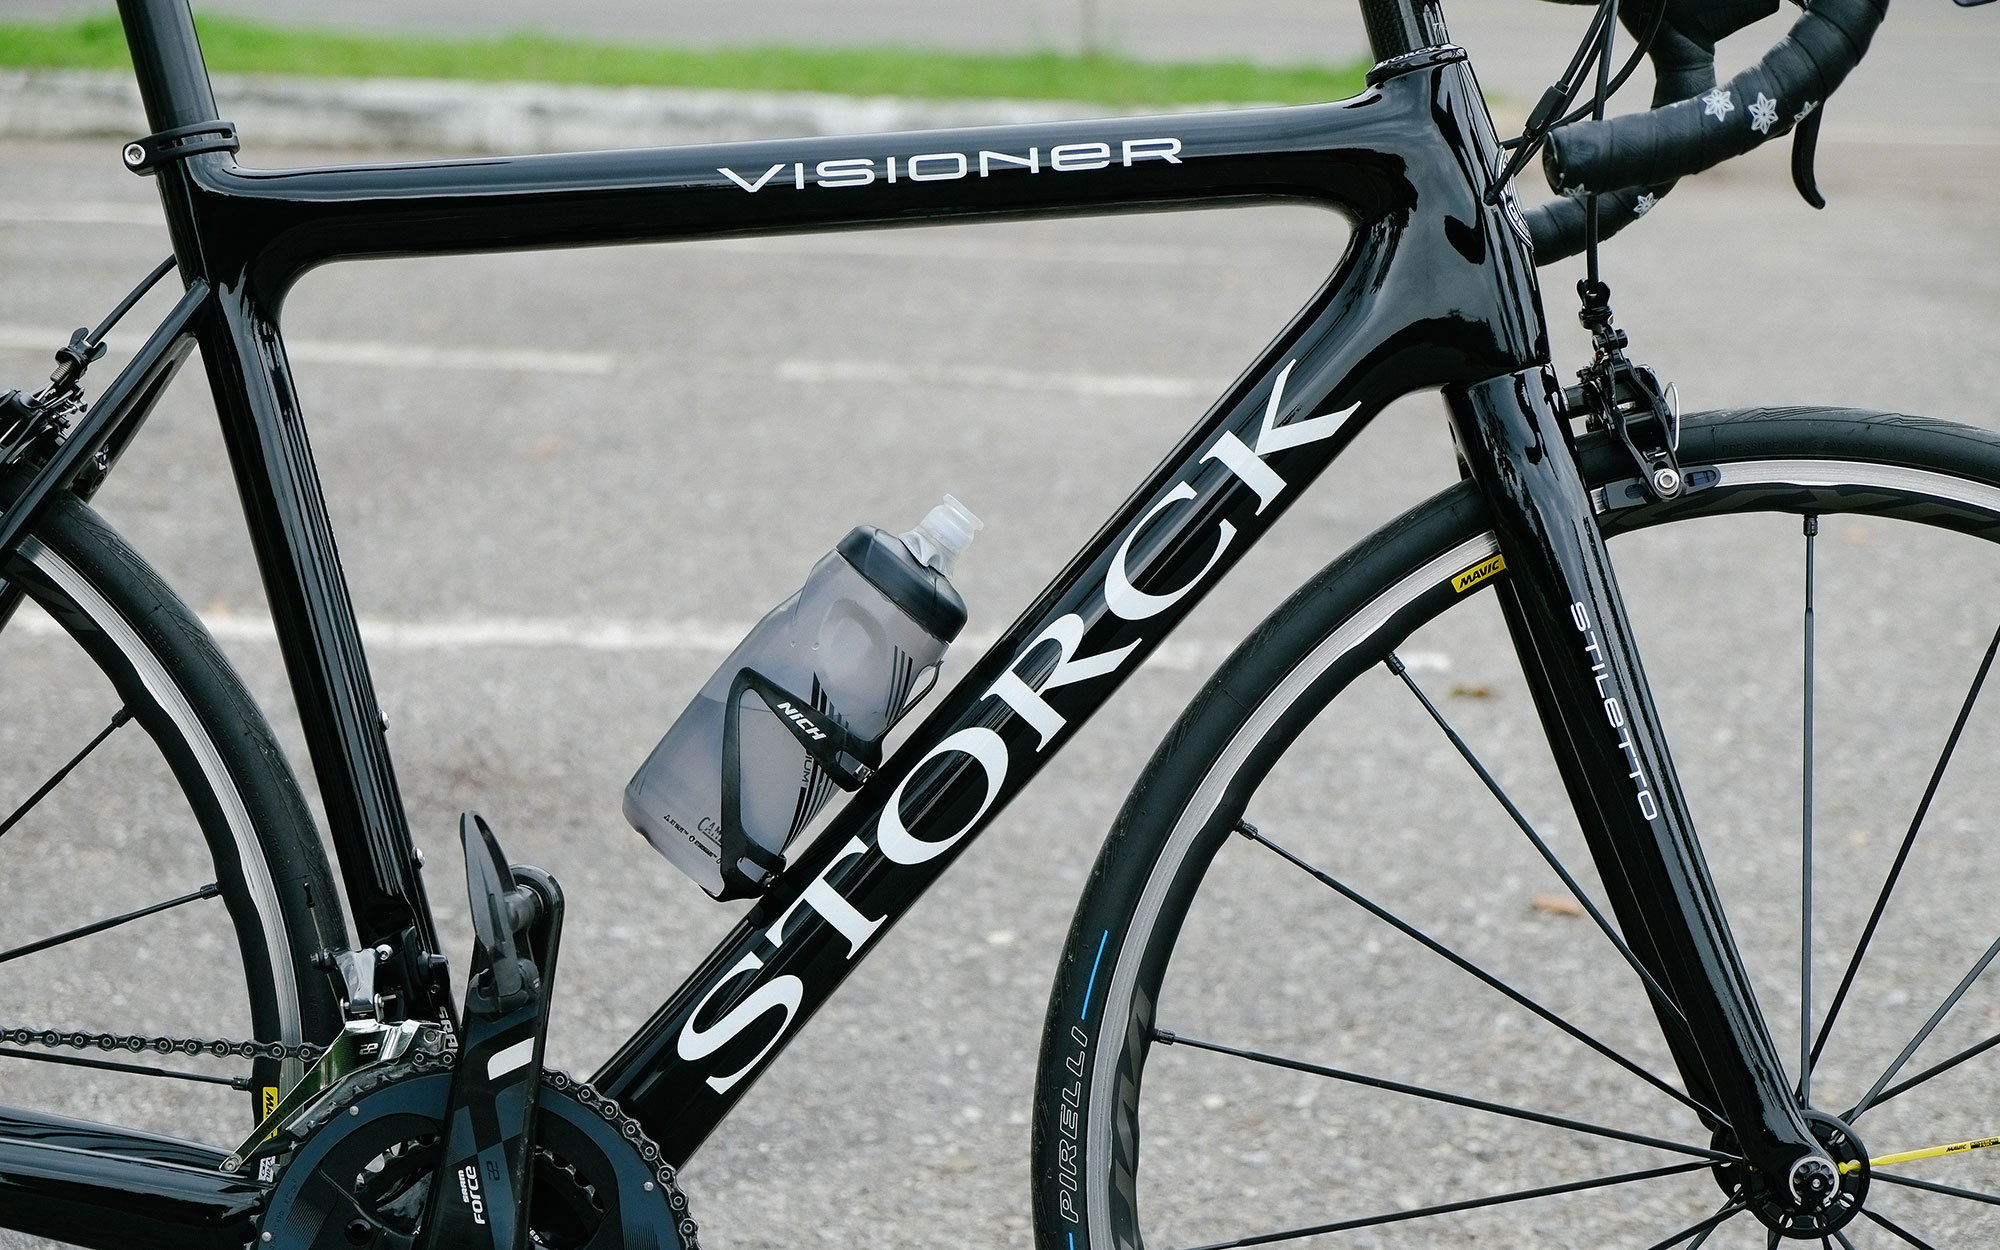 Frame: Storck Visioner Comp G1